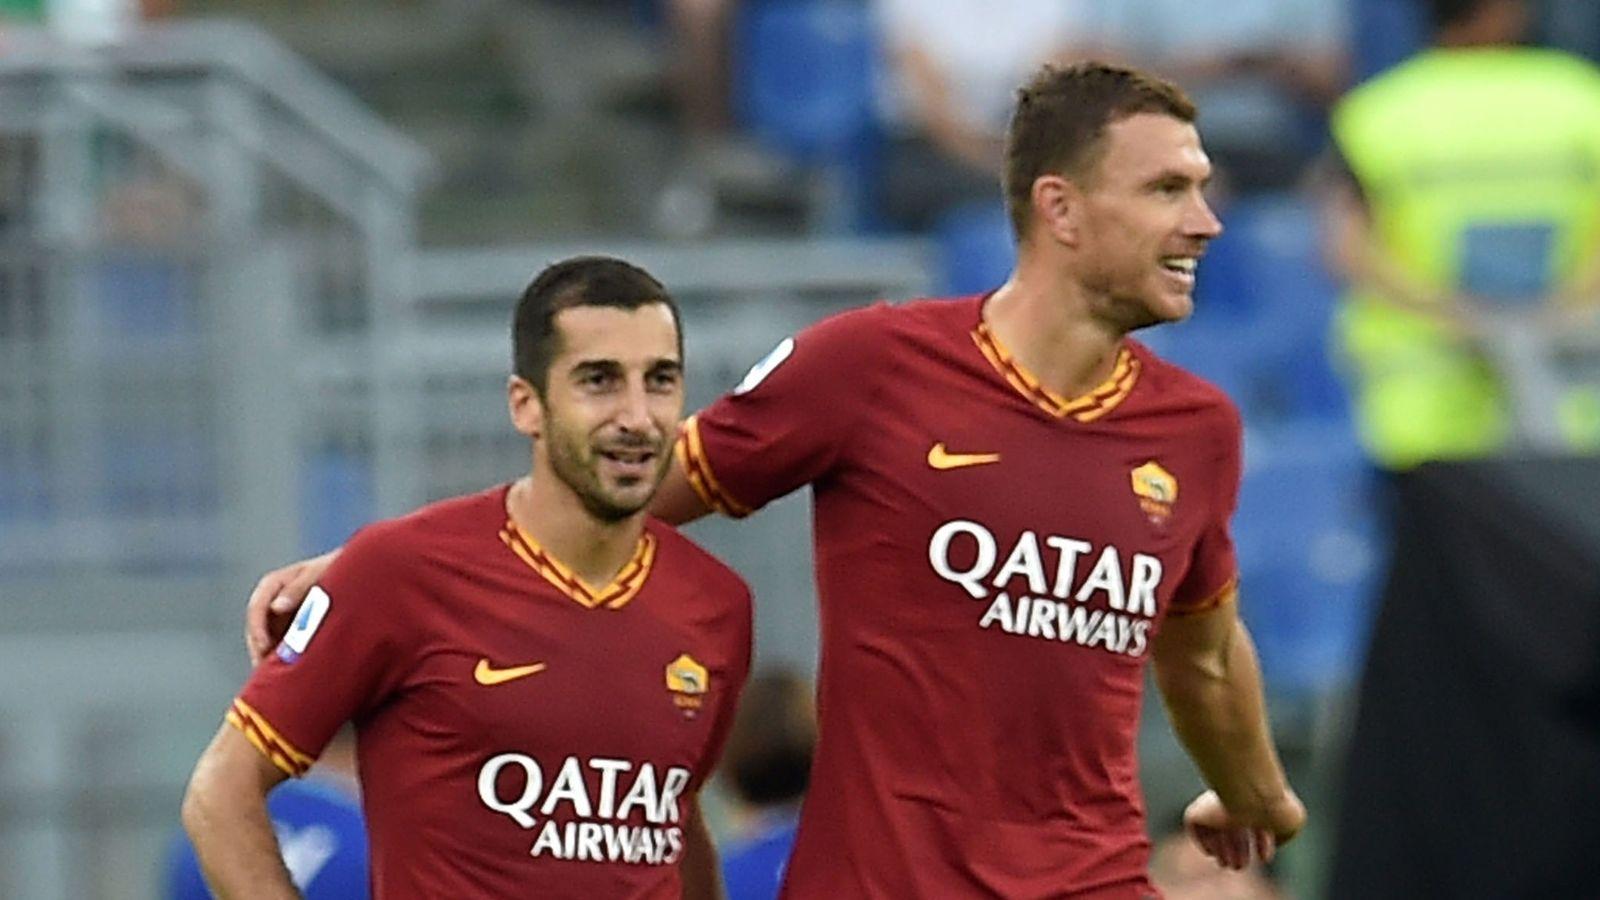 哲科:姆希塔良将成为罗马重要球员,希望他能长留